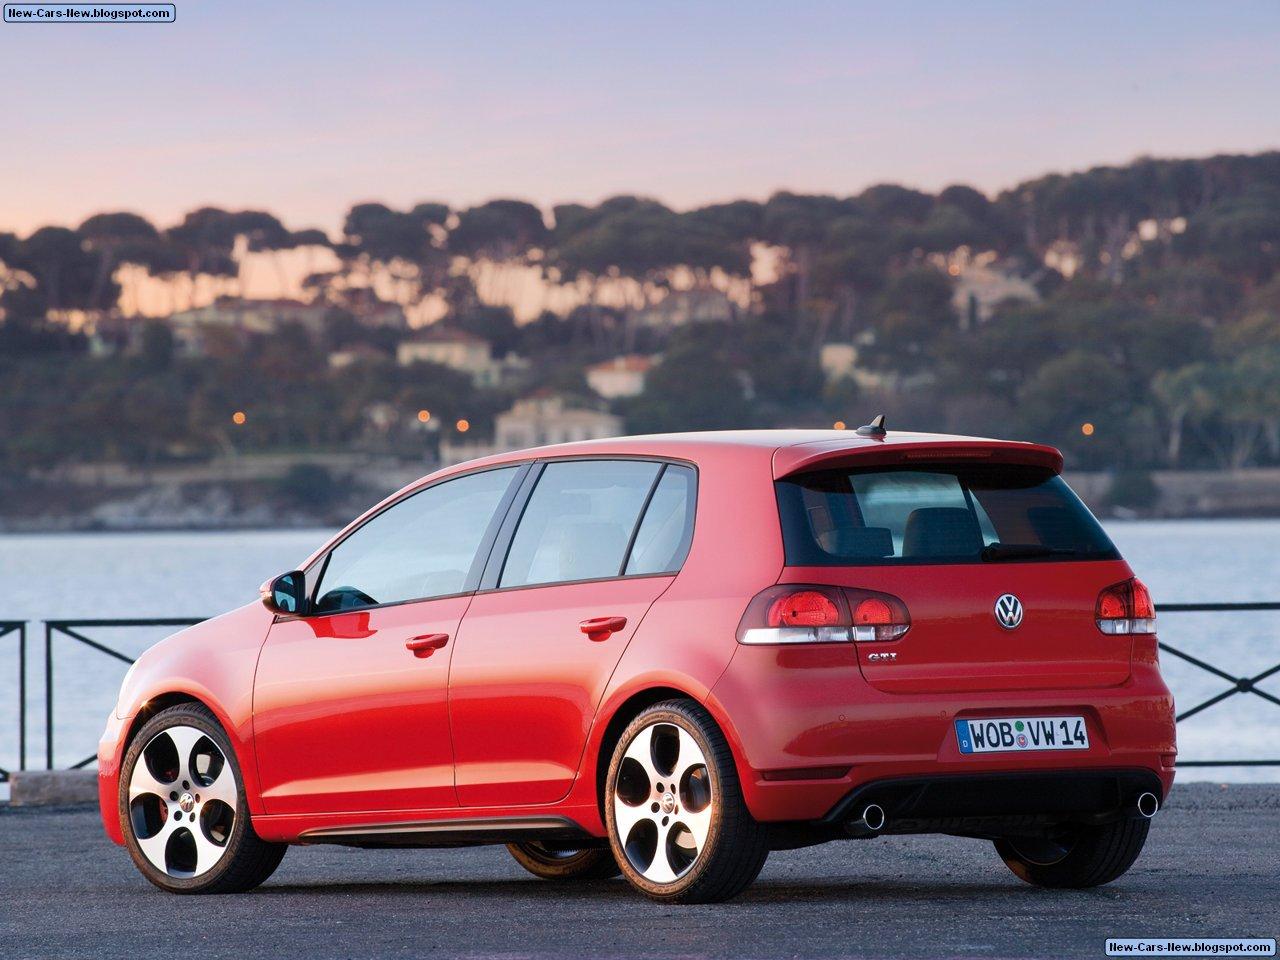 http://3.bp.blogspot.com/_U4w592tUDHM/TB4yJ8-vs0I/AAAAAAAAA6E/CCgQ1qj8h9M/s1600/Volkswagen-Golf_GTI_2010_1280x960_wallpaper_02.jpg